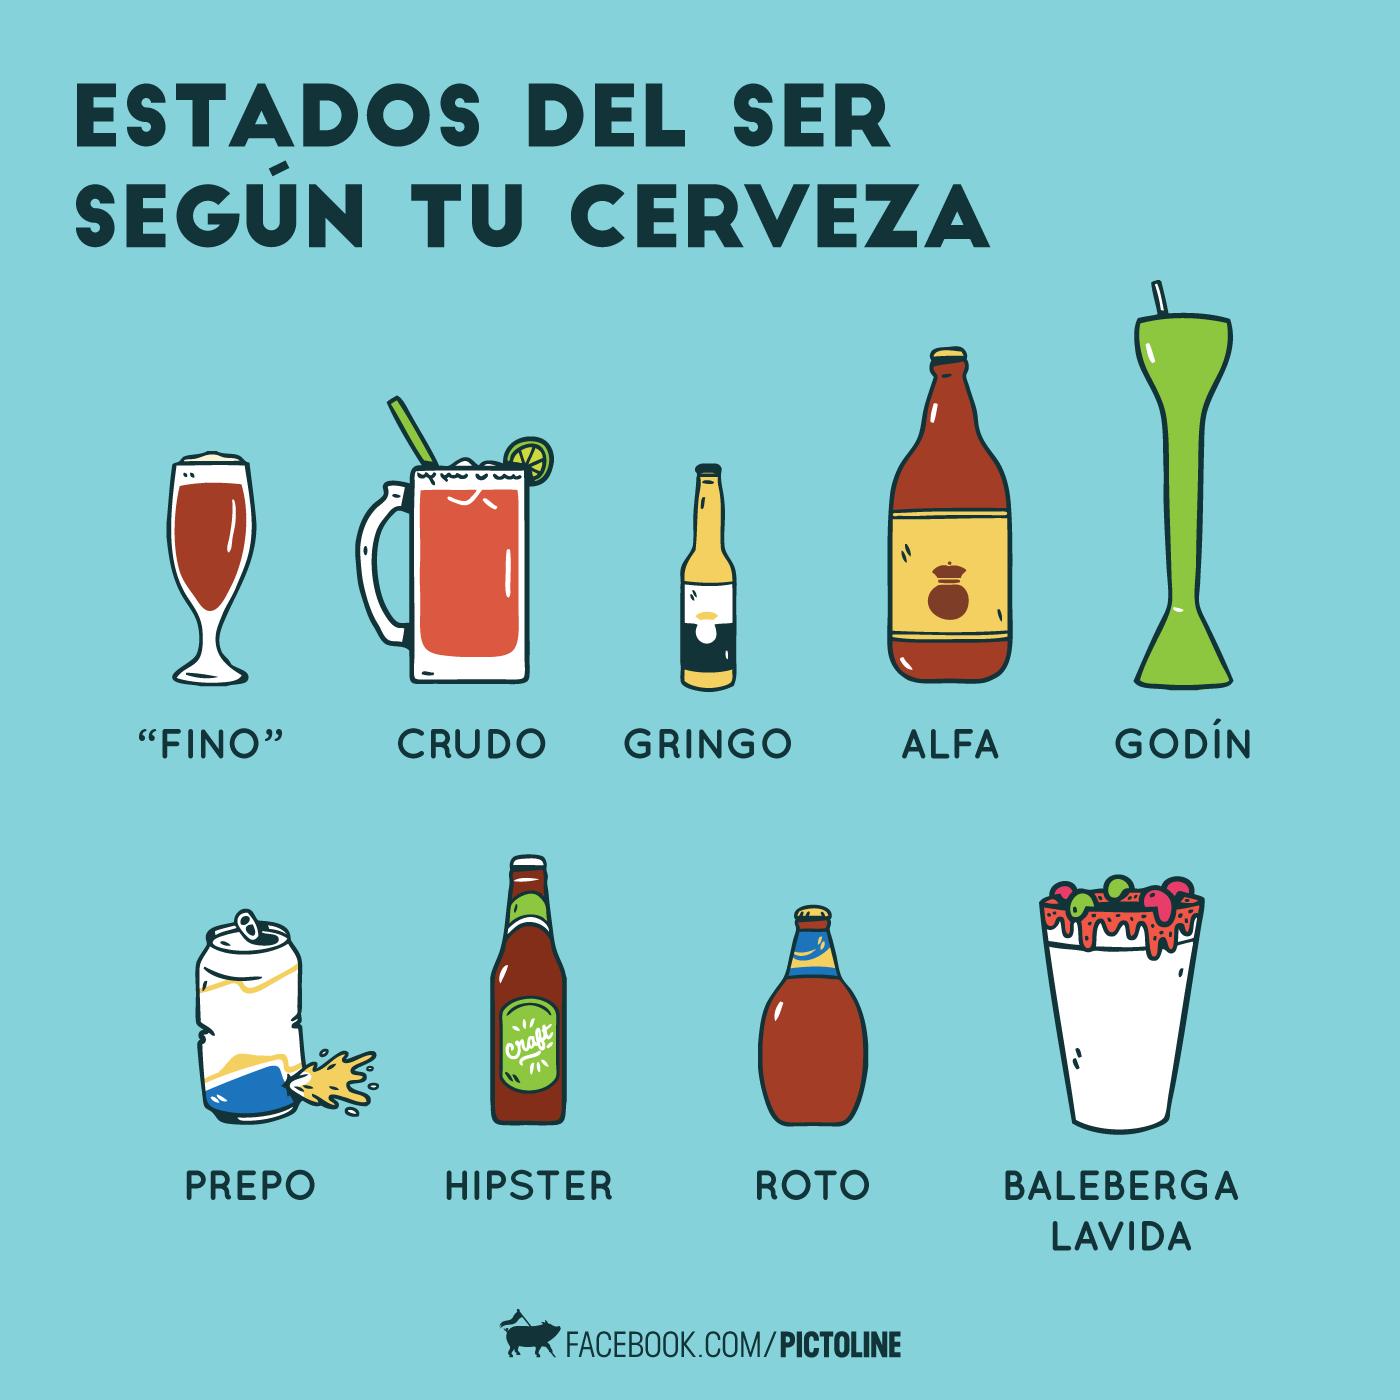 Te Explico Todo Con Mas De 500 Imagenes Imagenes En Taringa Memes De Cervezas Frases De Cervezas Frases De Borrachos